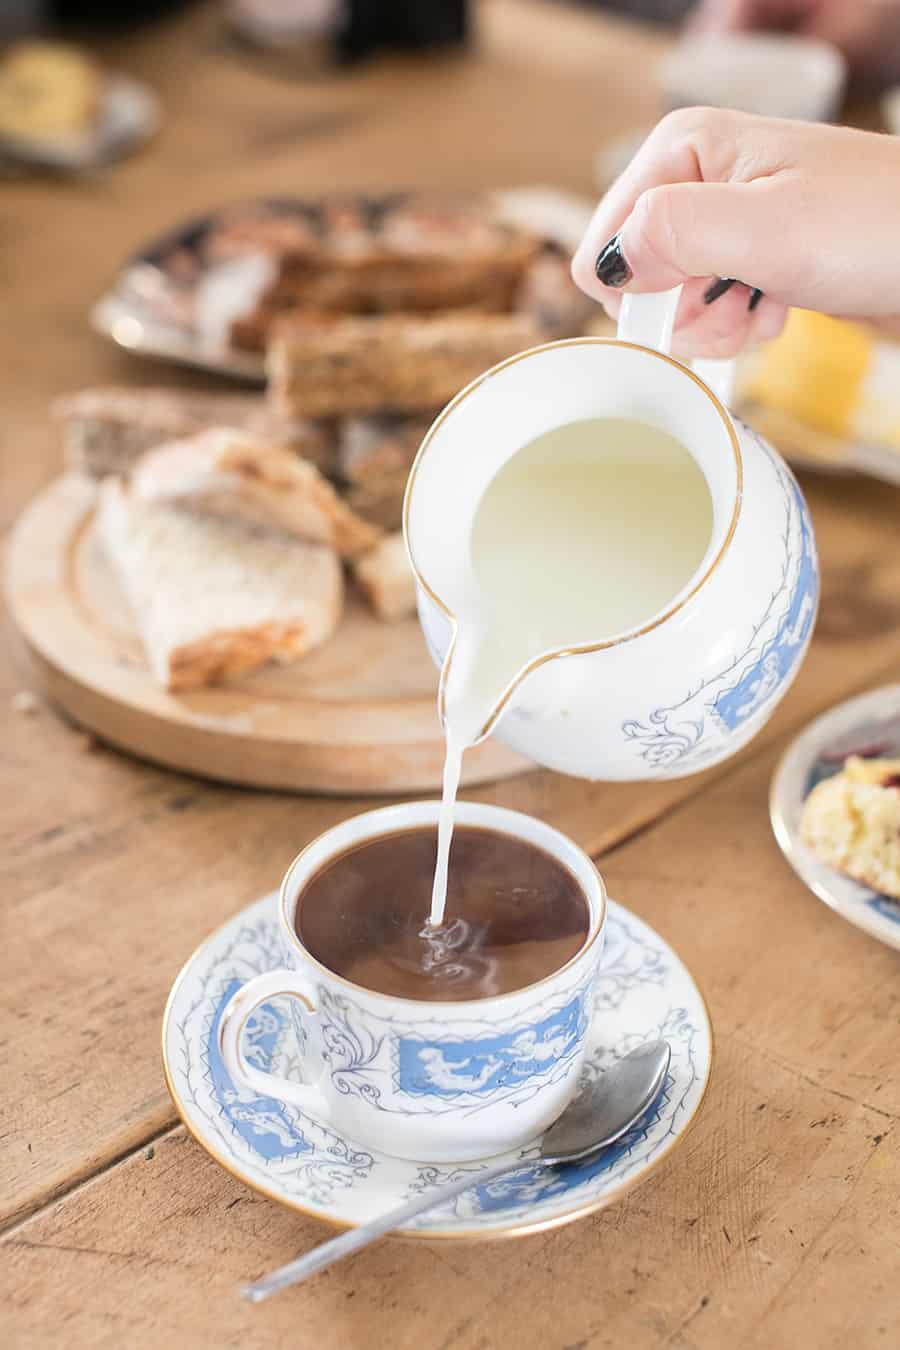 Pouring cream into a tea cup.